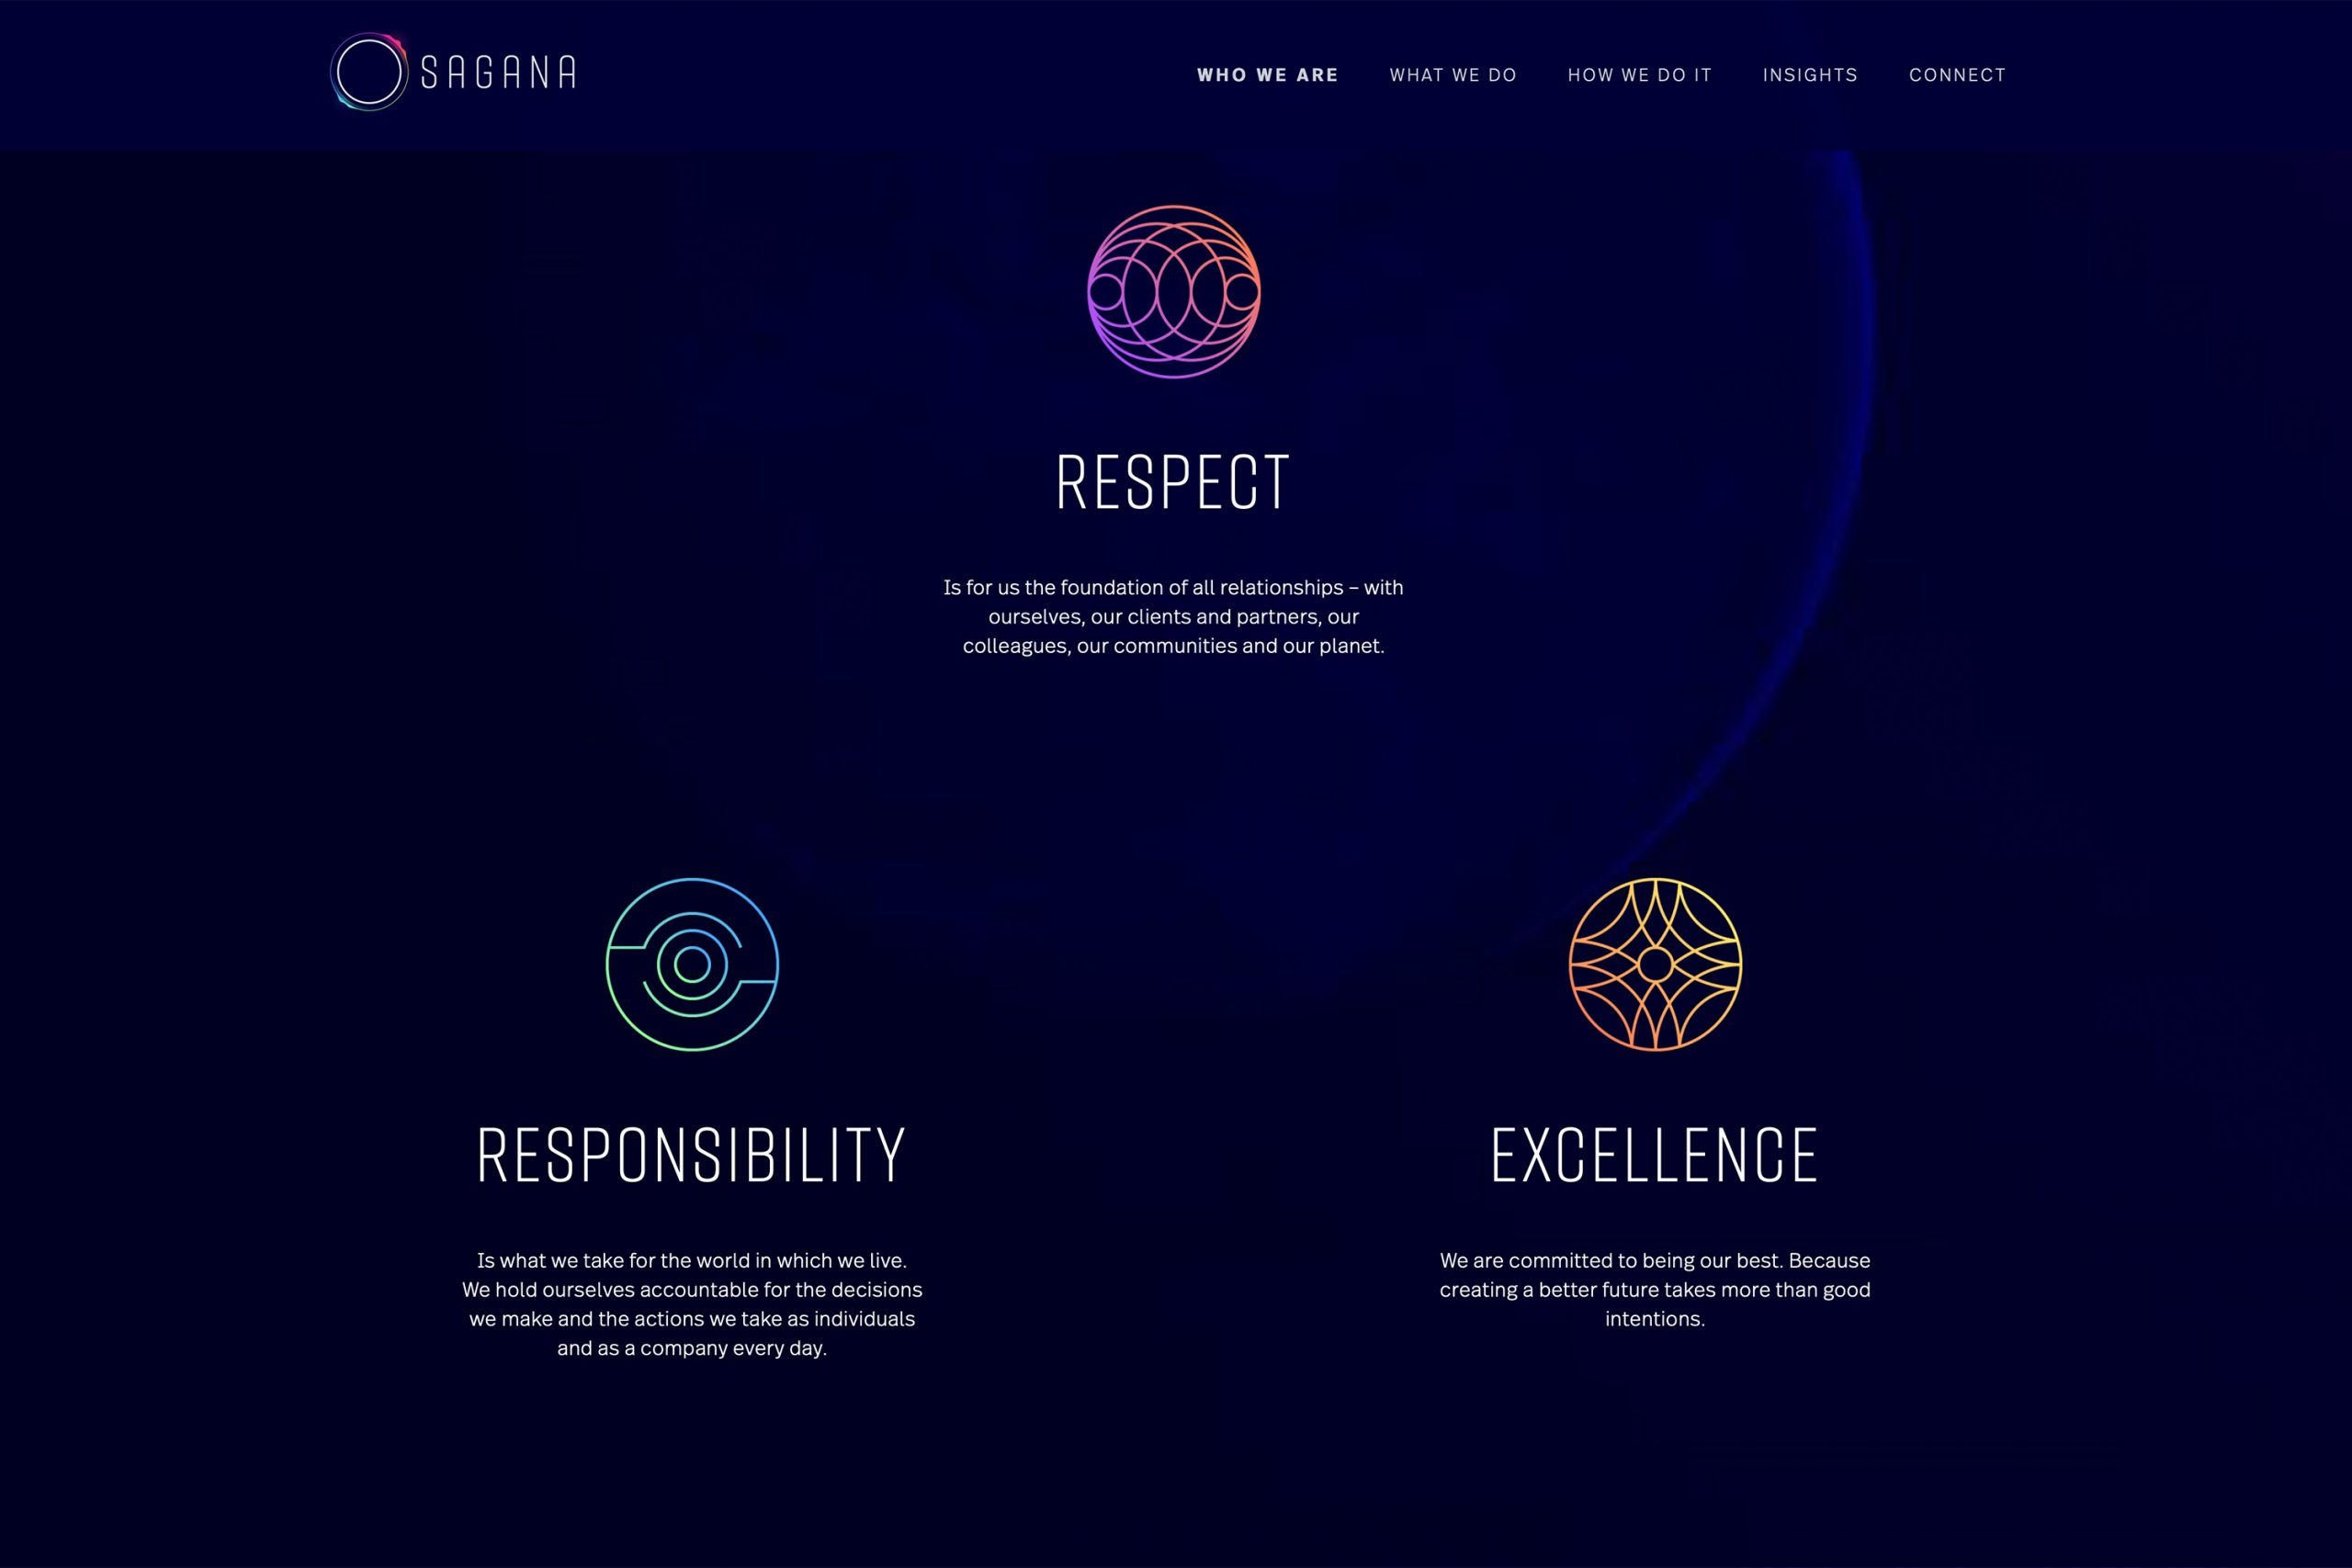 Man sieht 3 bunte Icons vor blauem Hintergrund, in dem der Erdball leicht zu sehen ist. Die Icons stehen für Werte, die SAGANA, einer Impact Investment Beratung, wichtig sind. Das Design stammt von MAJORMAJOR.